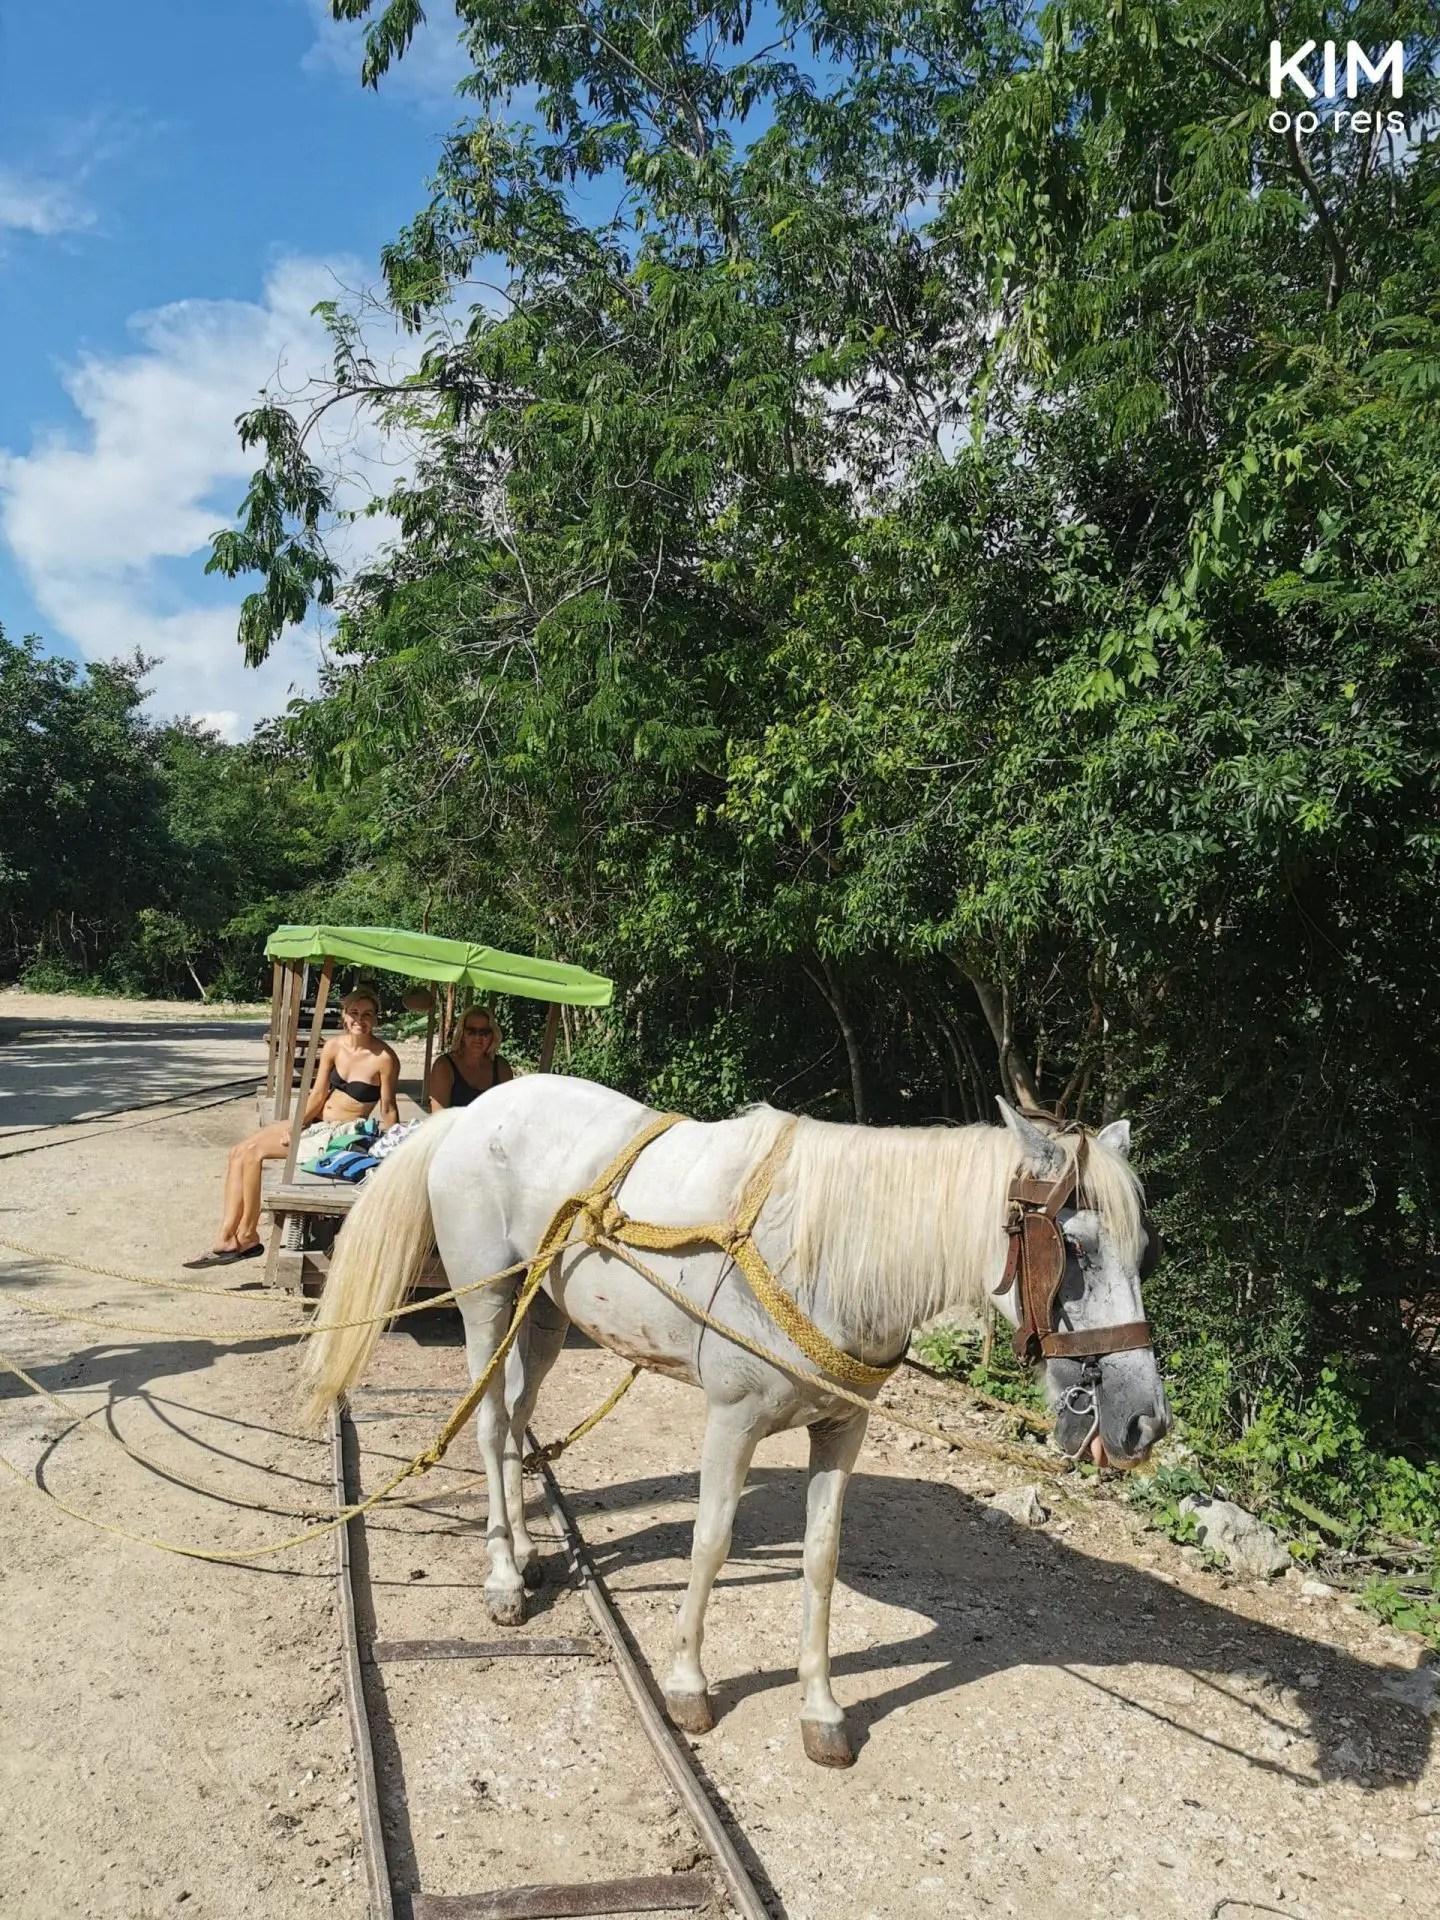 Paard spoor Santa Barbara: mijn moeder en ik op de paardenkar met een wit paard ervoor